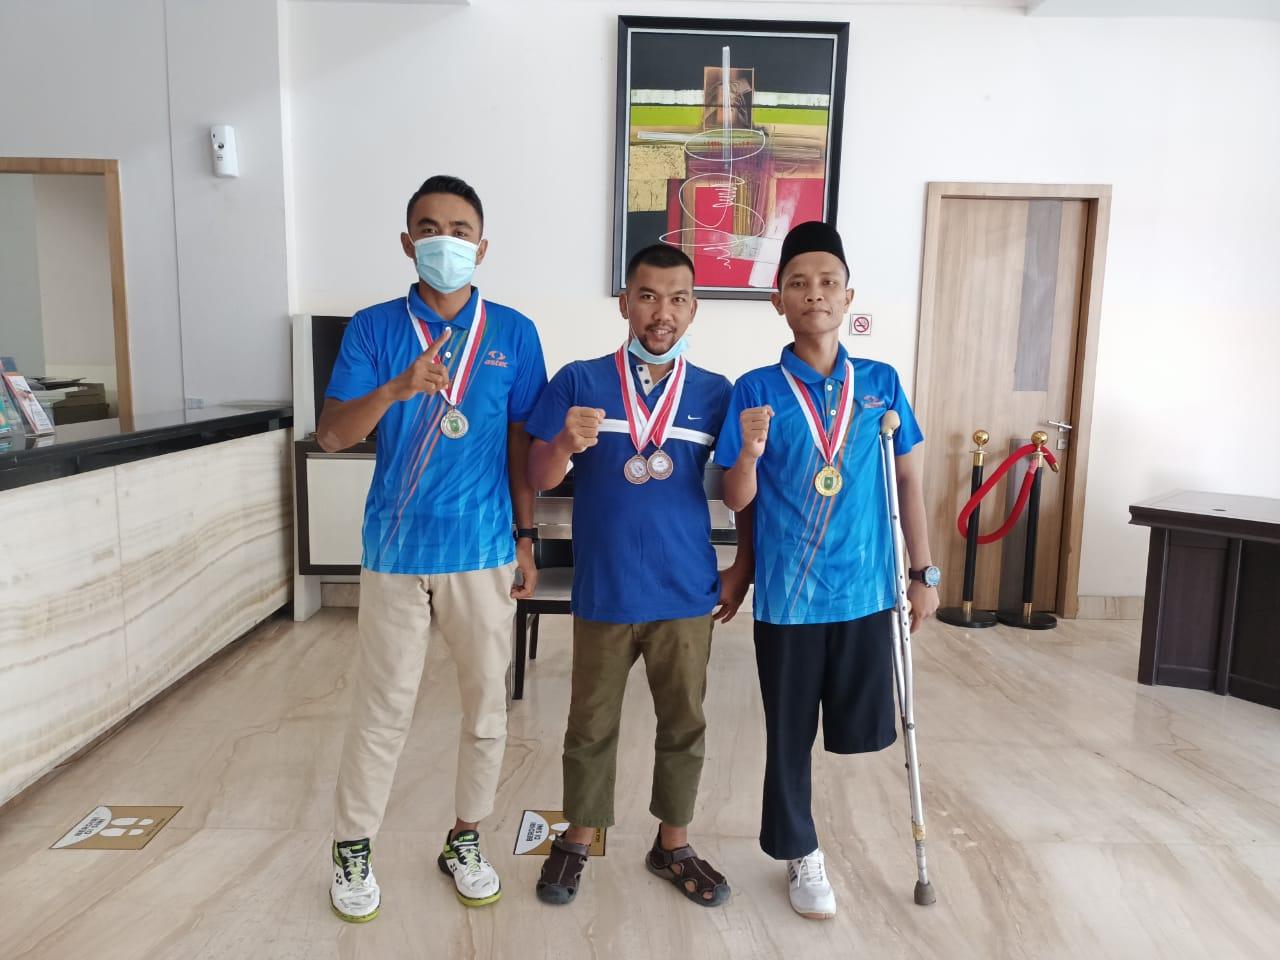 Mandiri Raih Prestasi, Tiga Atlet Difabel Malah Harumkan Nama Meranti